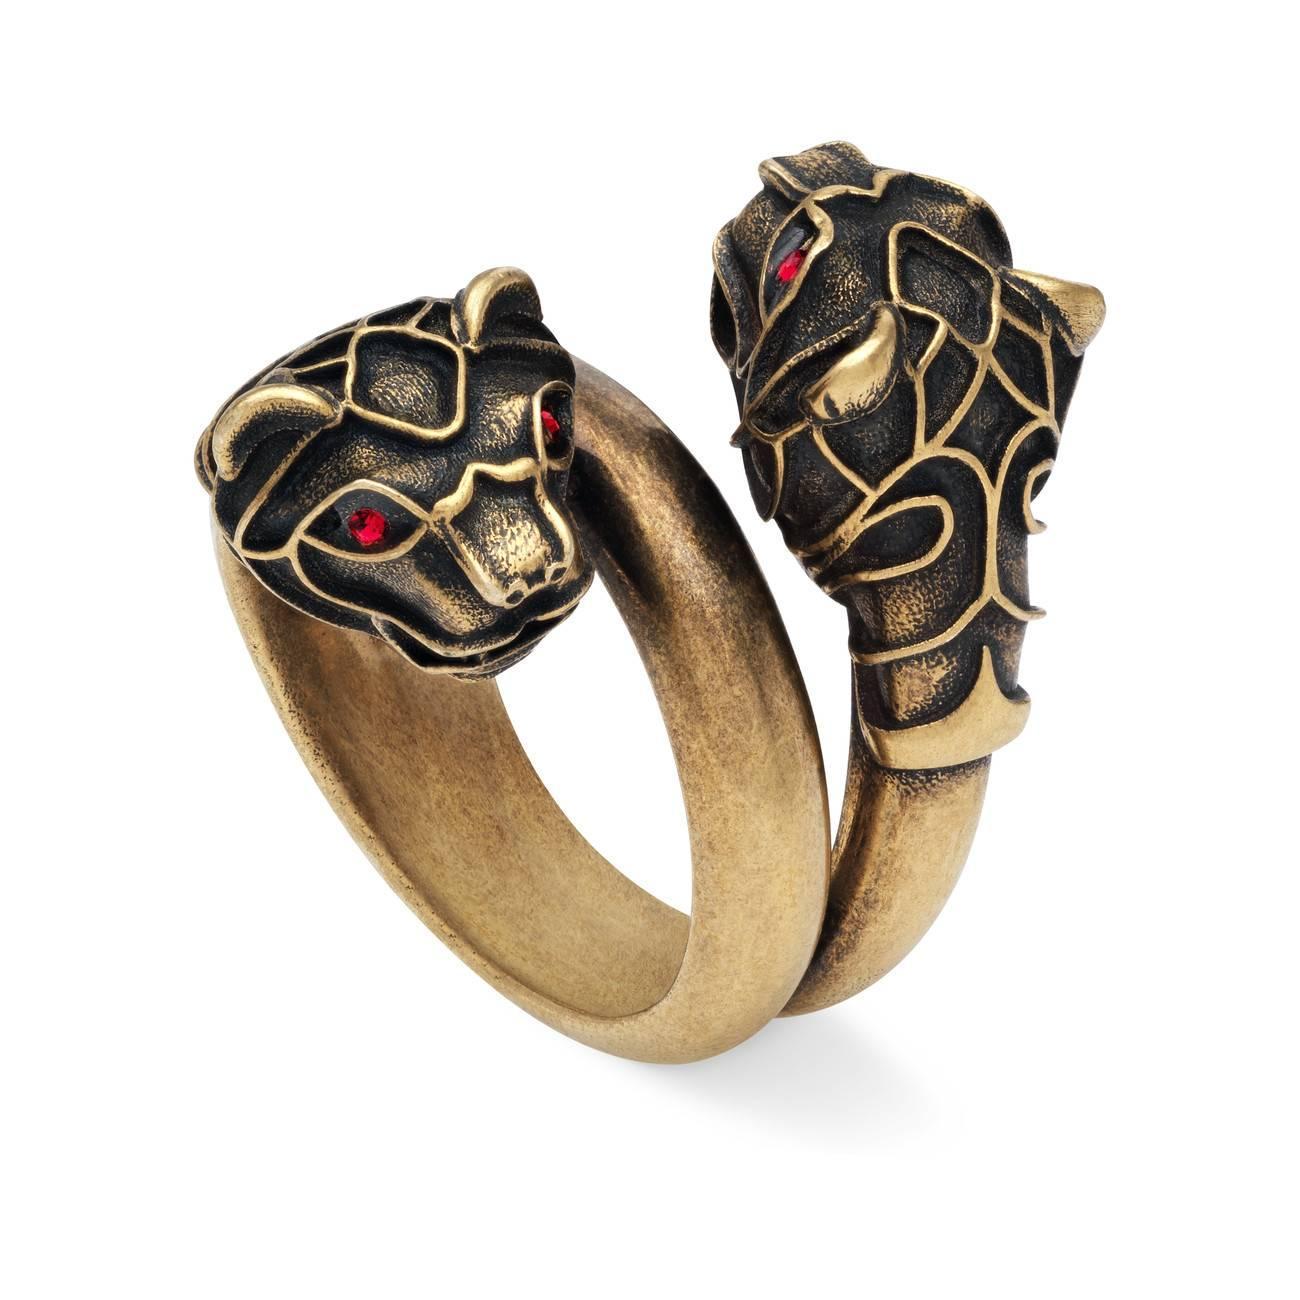 f74f68aedbb0b3 Gucci - Metallic Tiger Head Ring - Lyst. View fullscreen